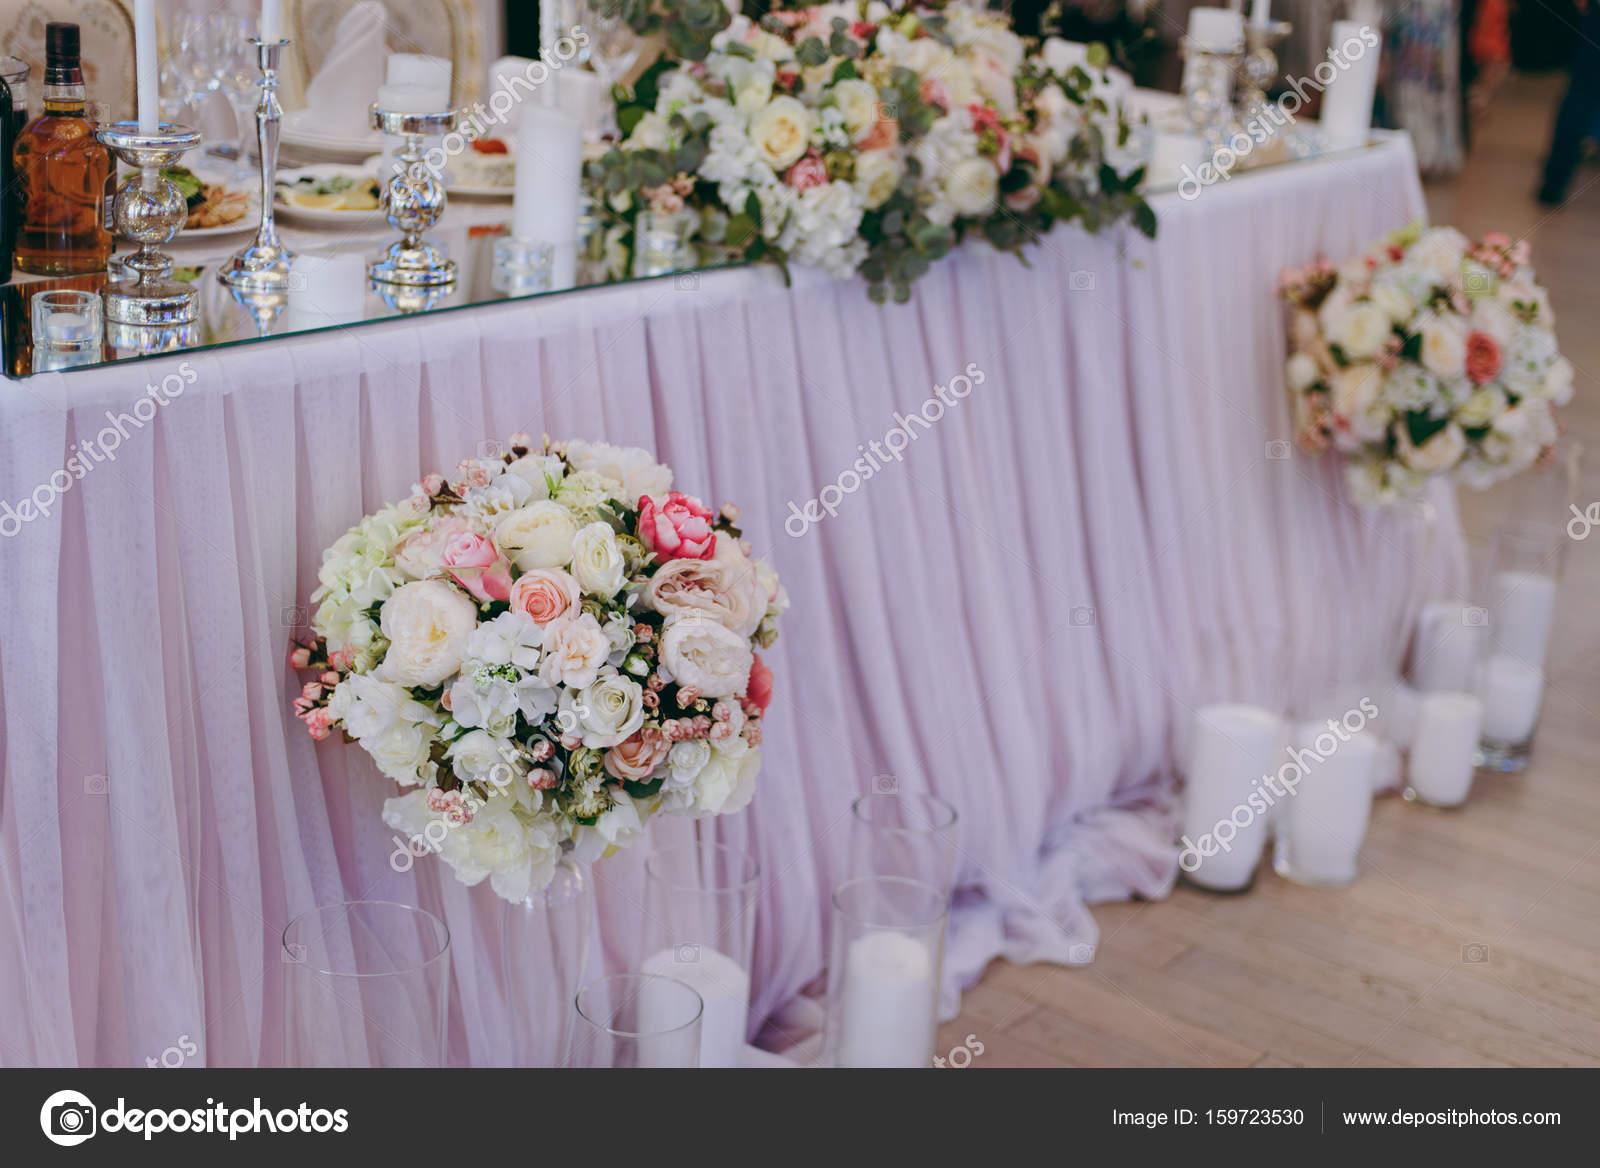 Schone Dekoration Mit Blumen Bei Der Hochzeit Stockfoto